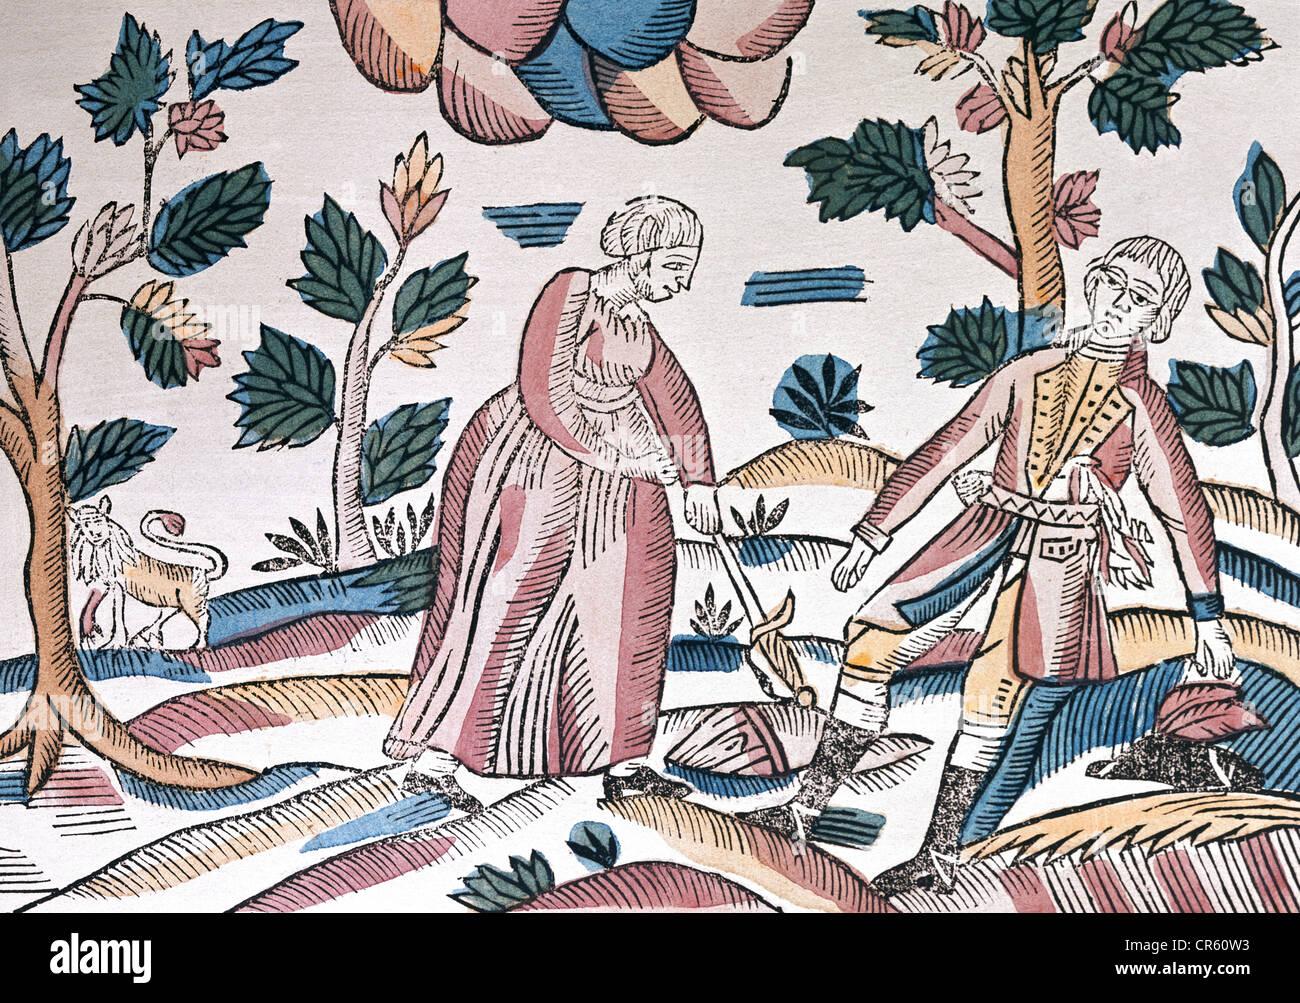 Ovid (Publius Ovidius Naso), 43 AC - 17 AD, autor/escritor romano, obras, 'Metamorfosis', 'Pyramus y , Foto de stock